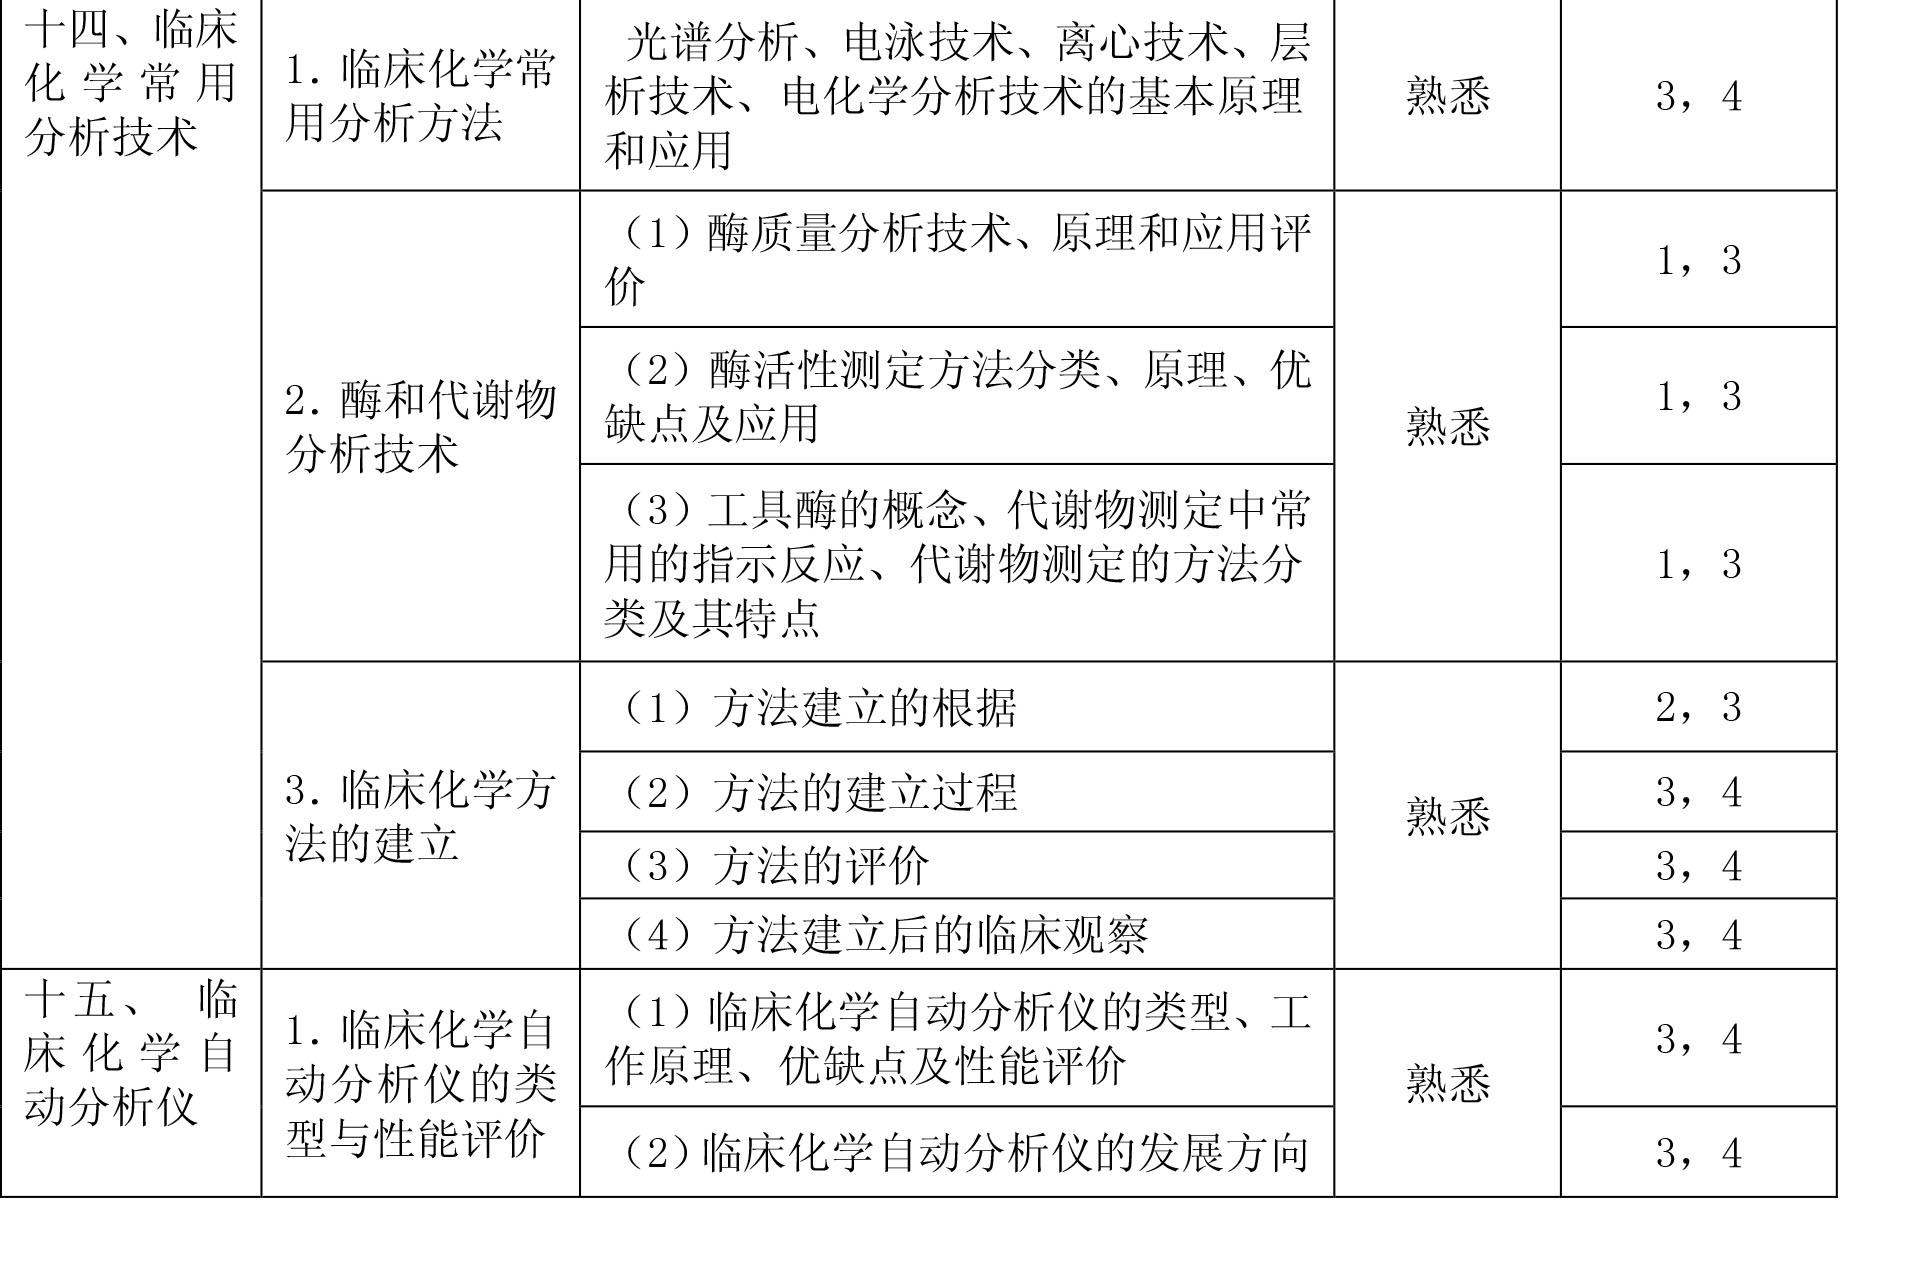 2020年检验主管技师《临床化学》考试大纲